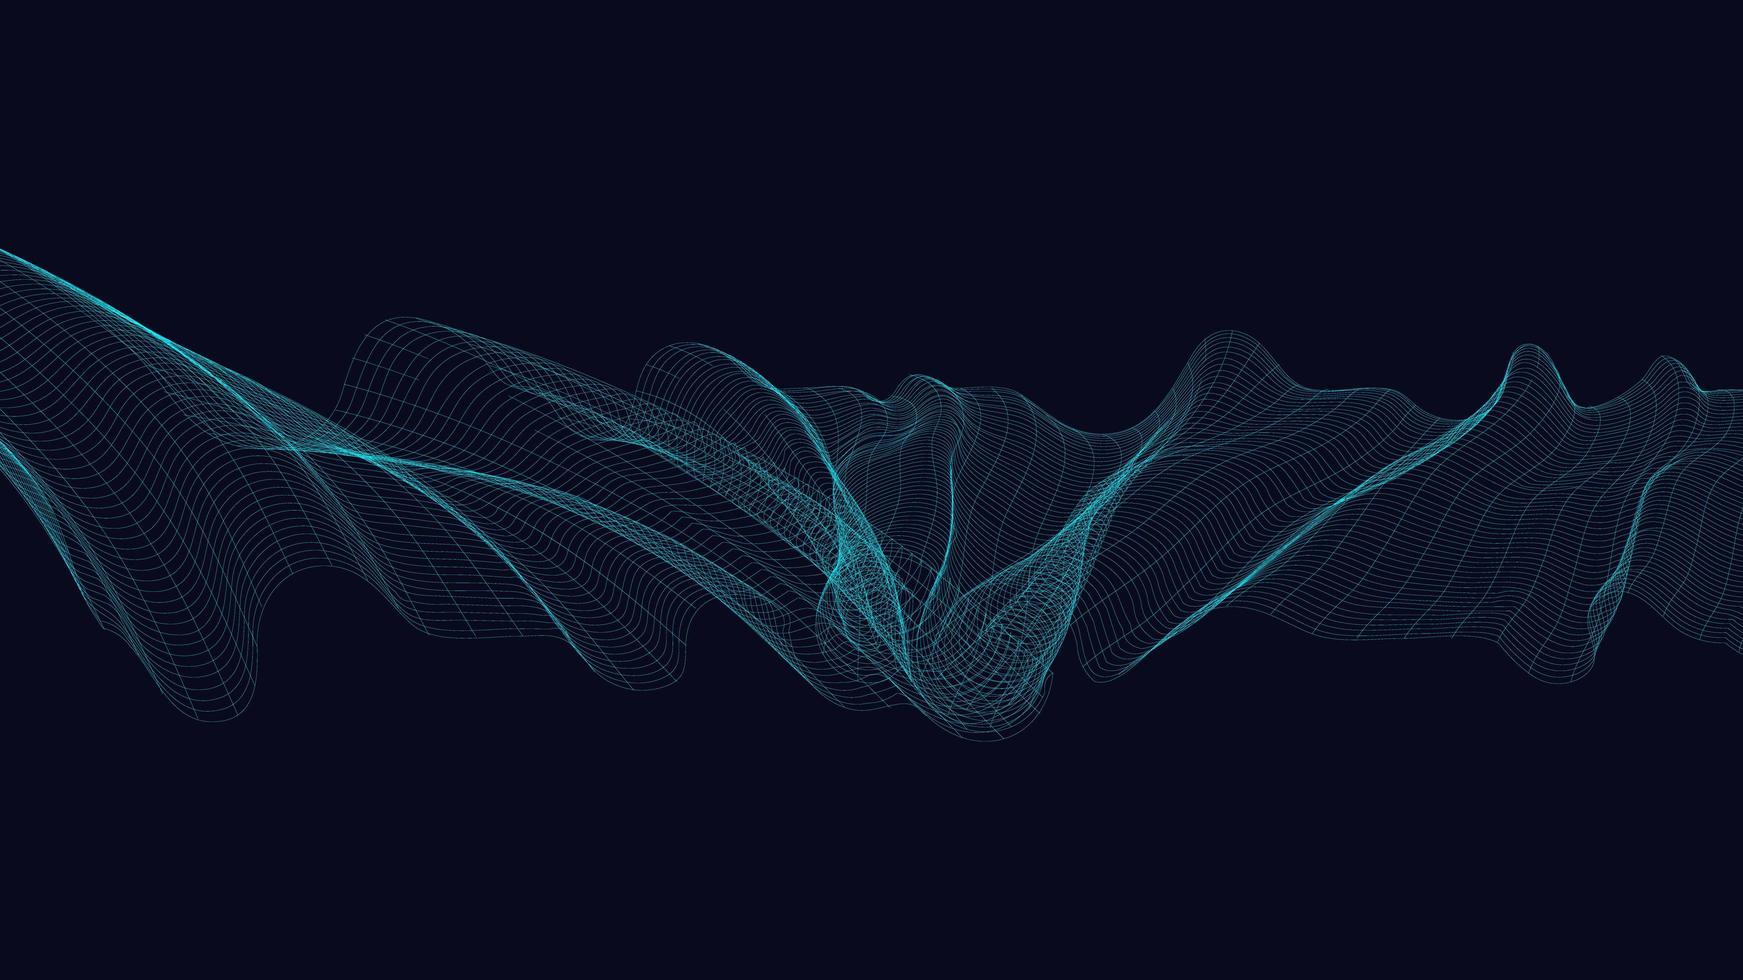 Onda de sonido digital de neón sobre fondo azul oscuro vector